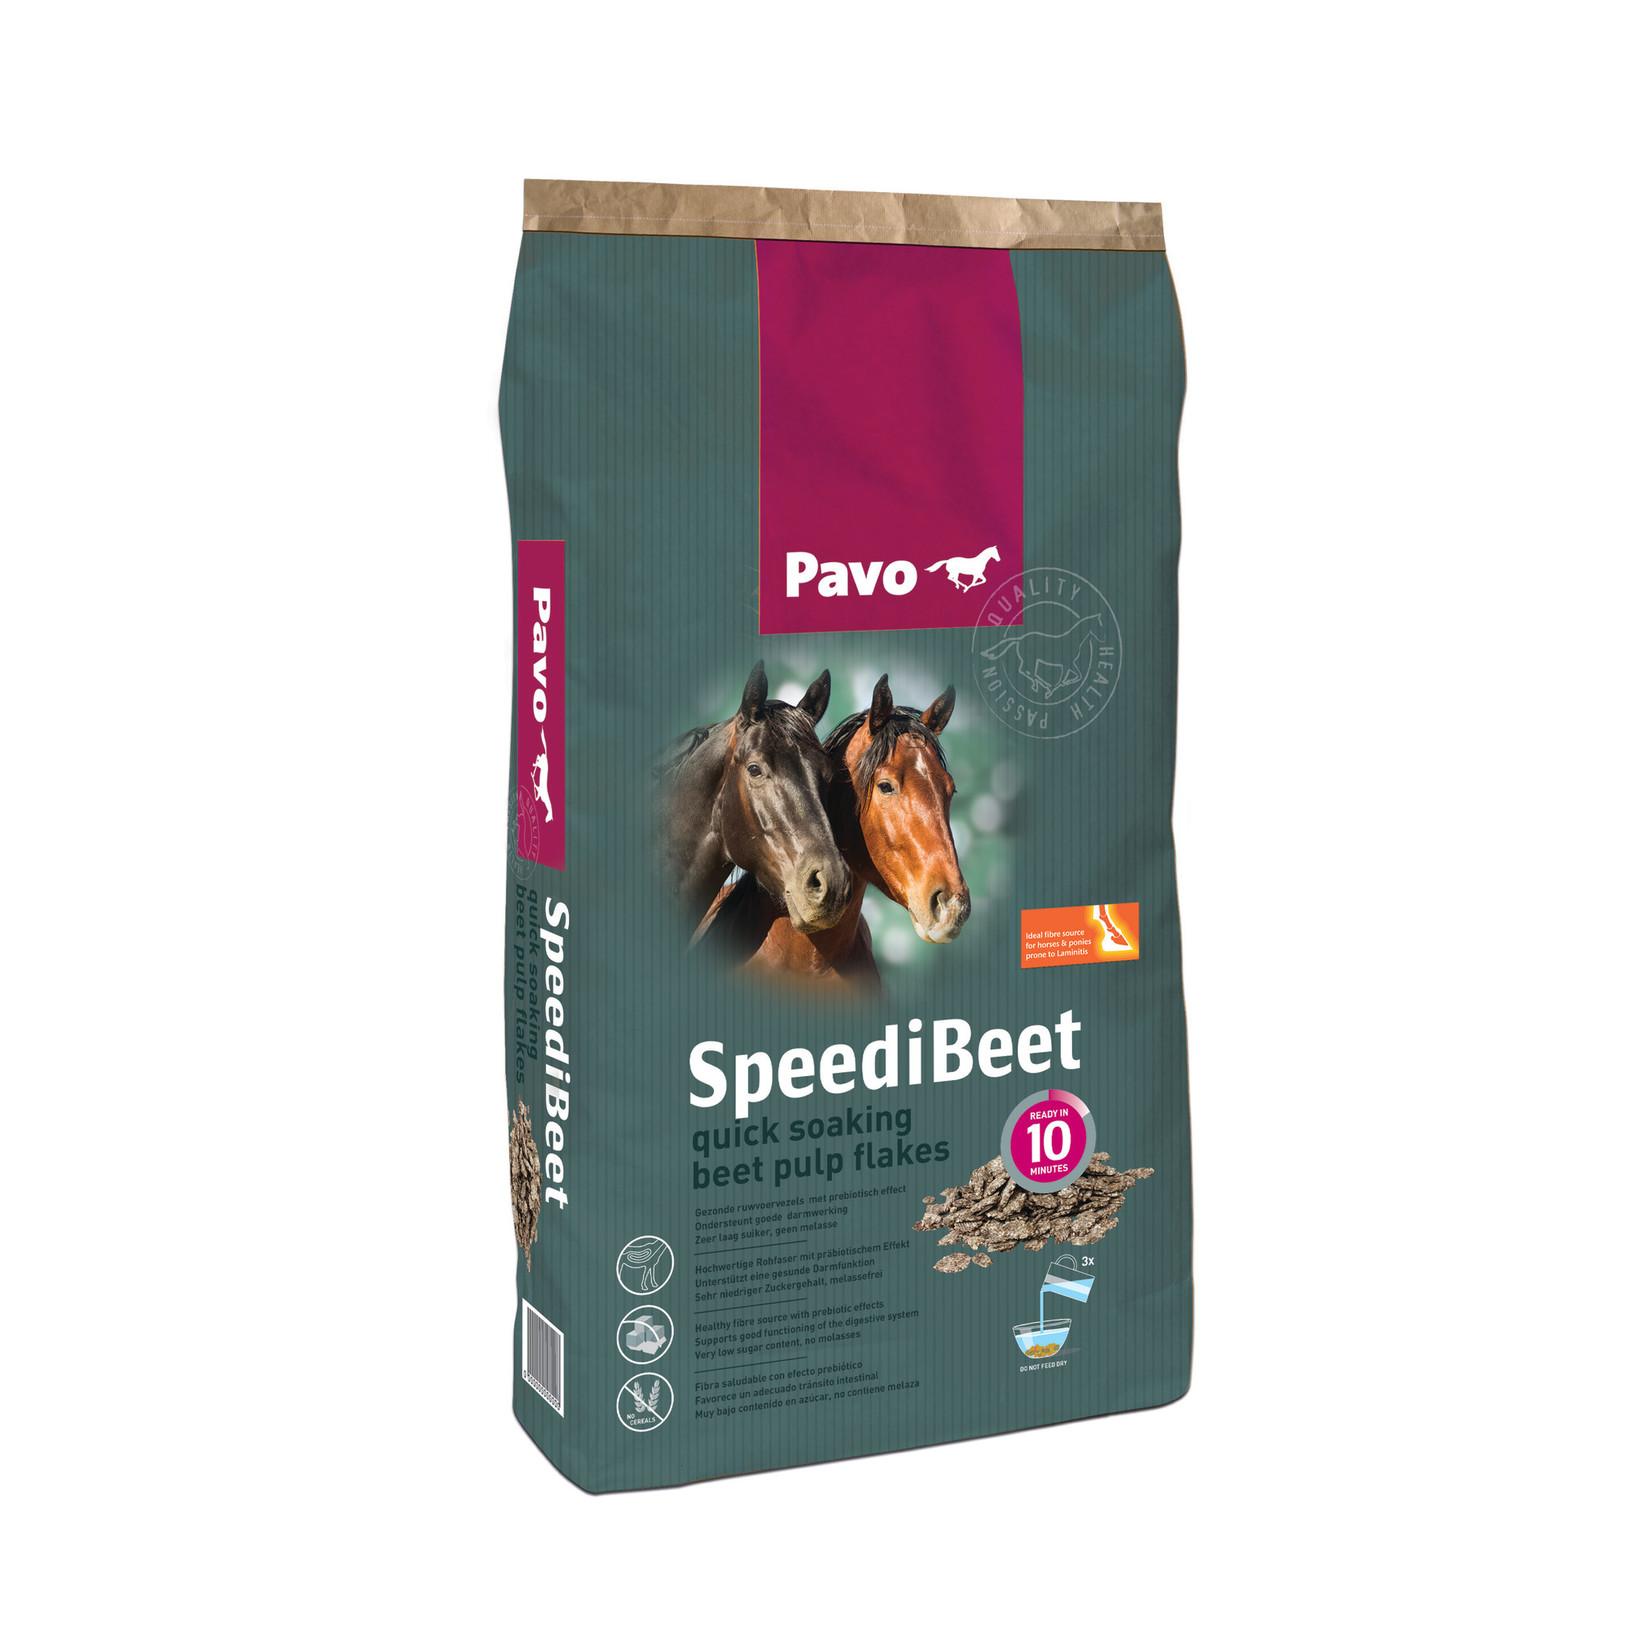 Pavo Pavo SpeediBeet